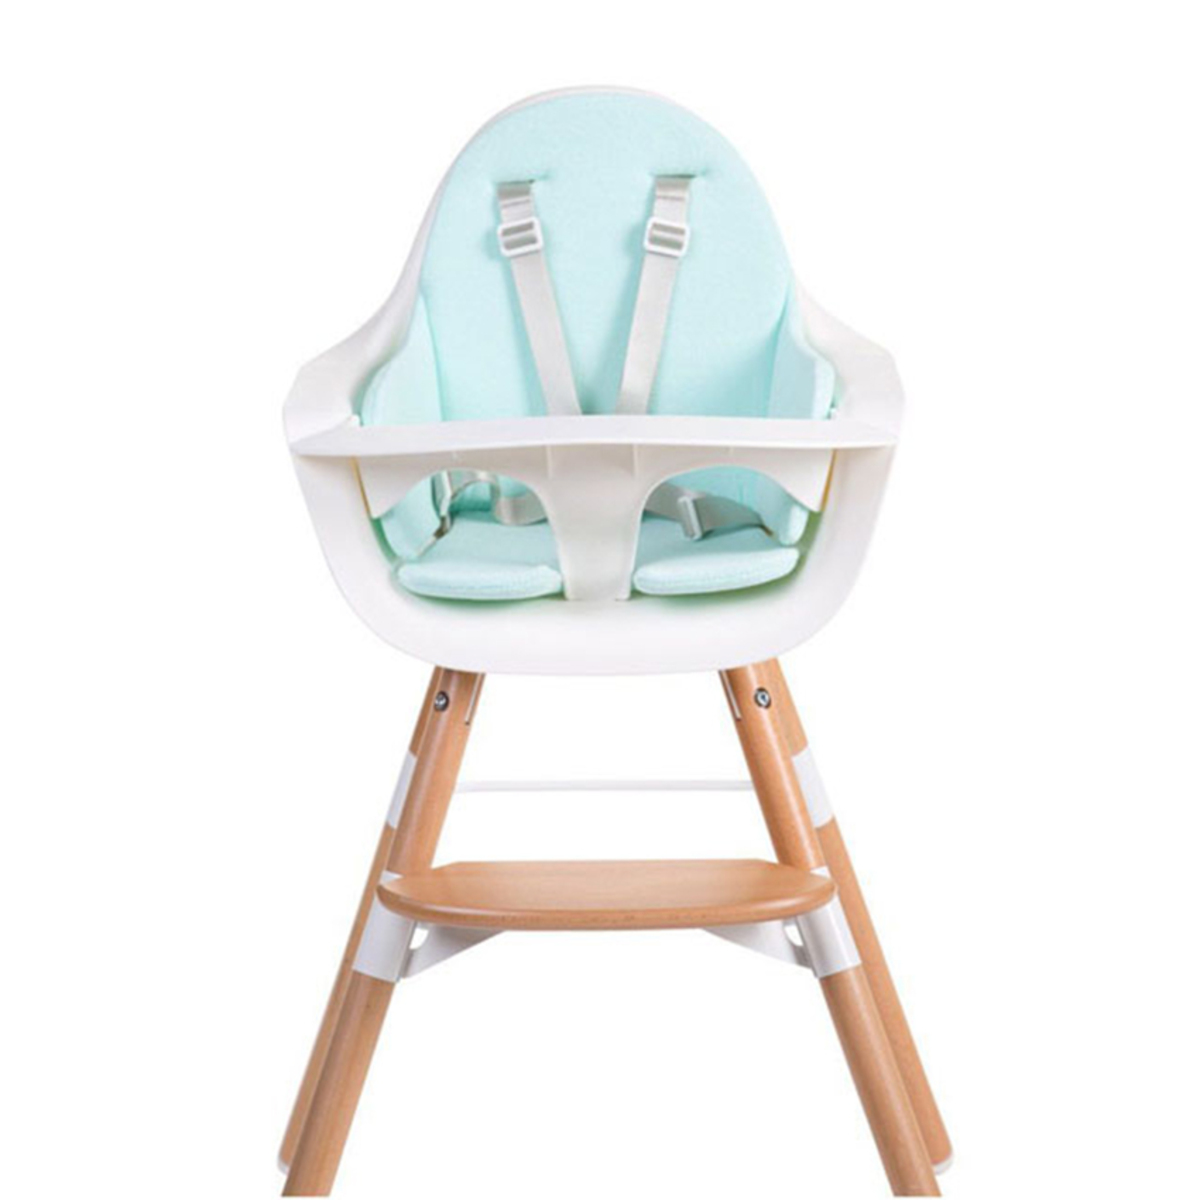 Chaise haute Coussin de Chaise Haute Eponge - Mint Blue Coussin de Chaise Haute Eponge - Mint Blue